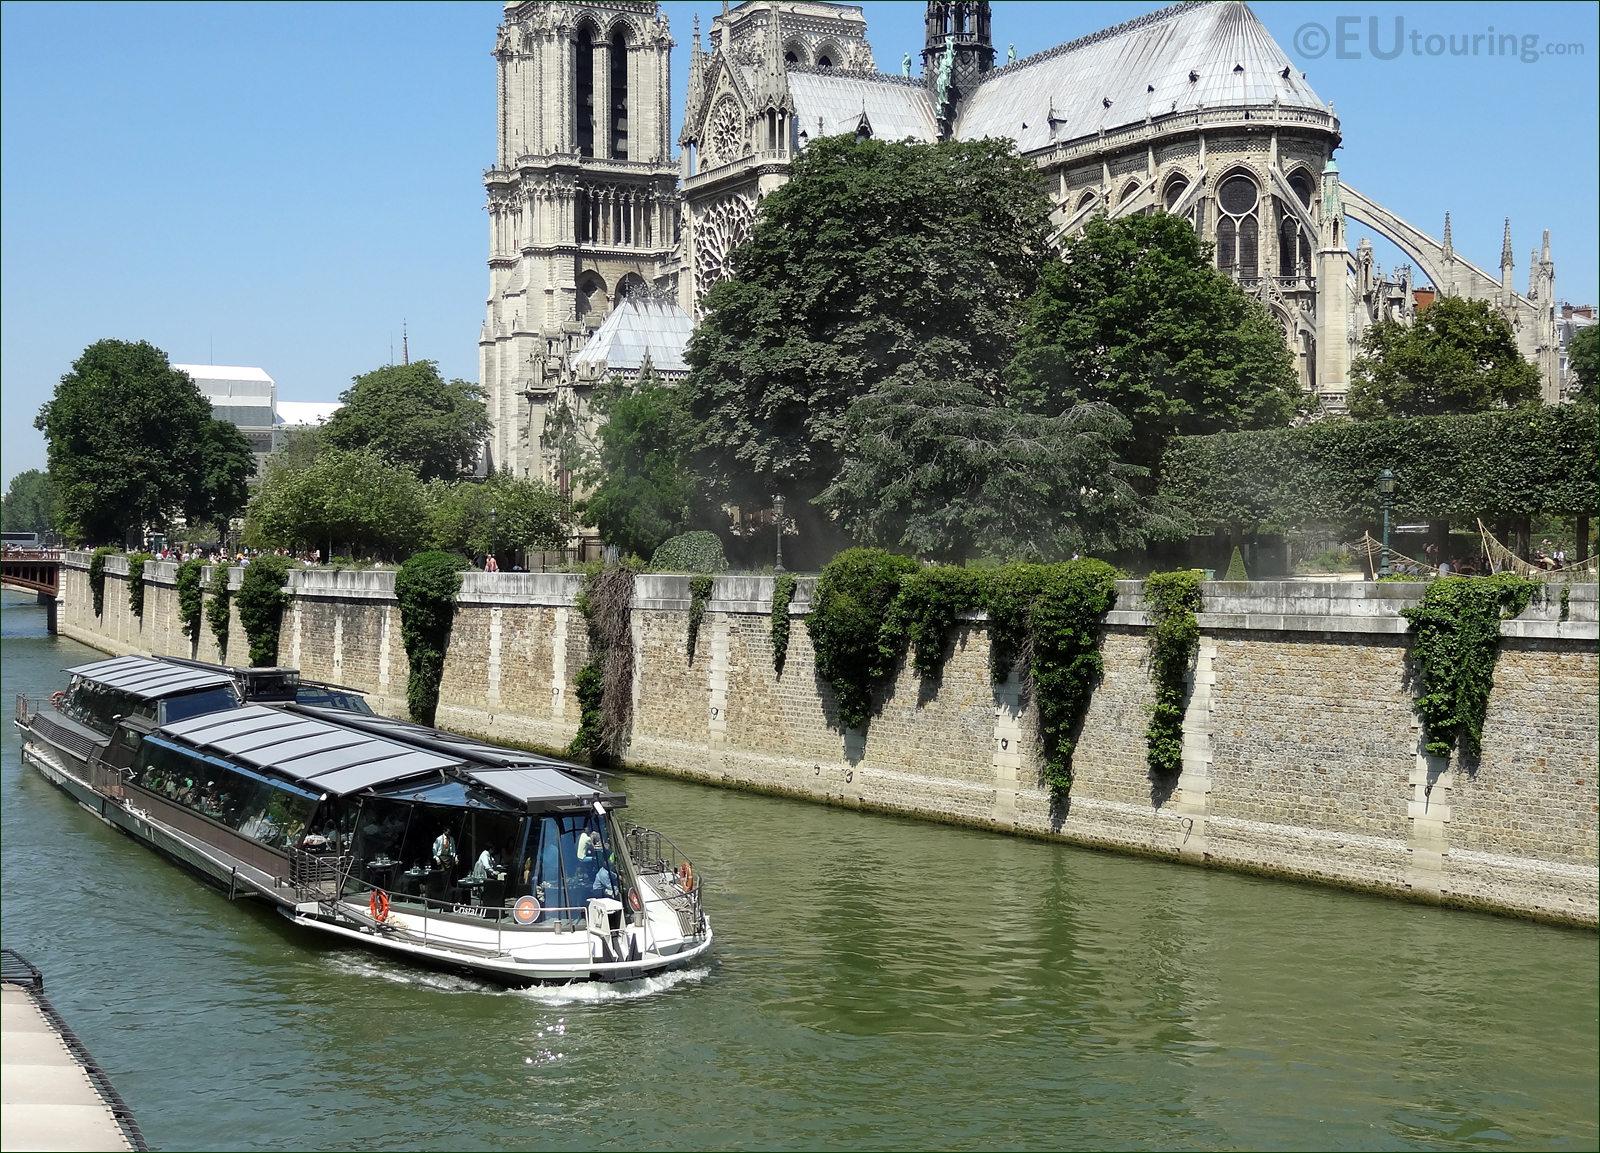 Photo Images Of Bateaux Parisiens Cruise Boats In Paris